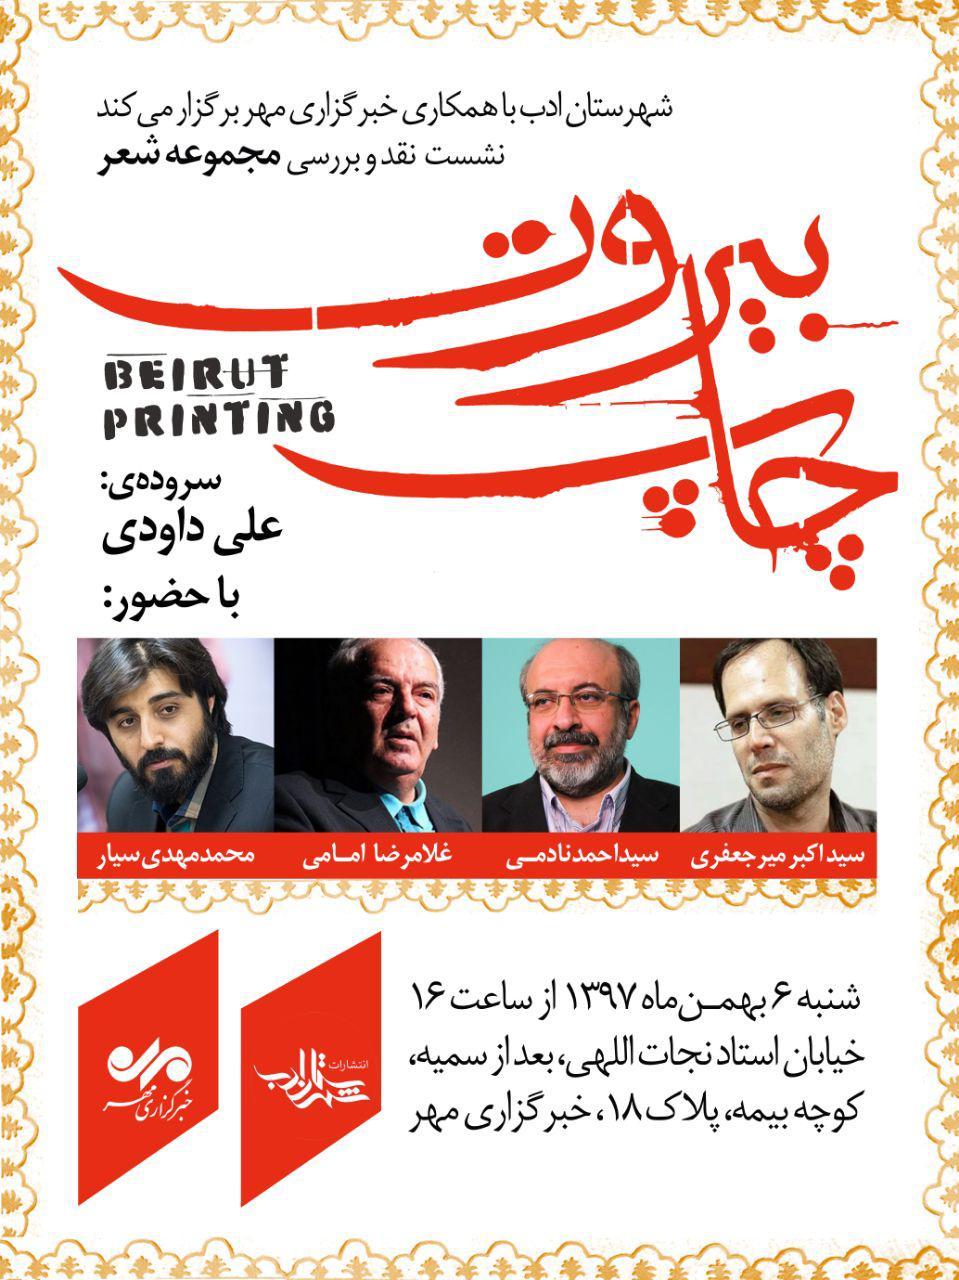 نشست نقد و بررسی مجموعه شعر «چاپ بیروت»